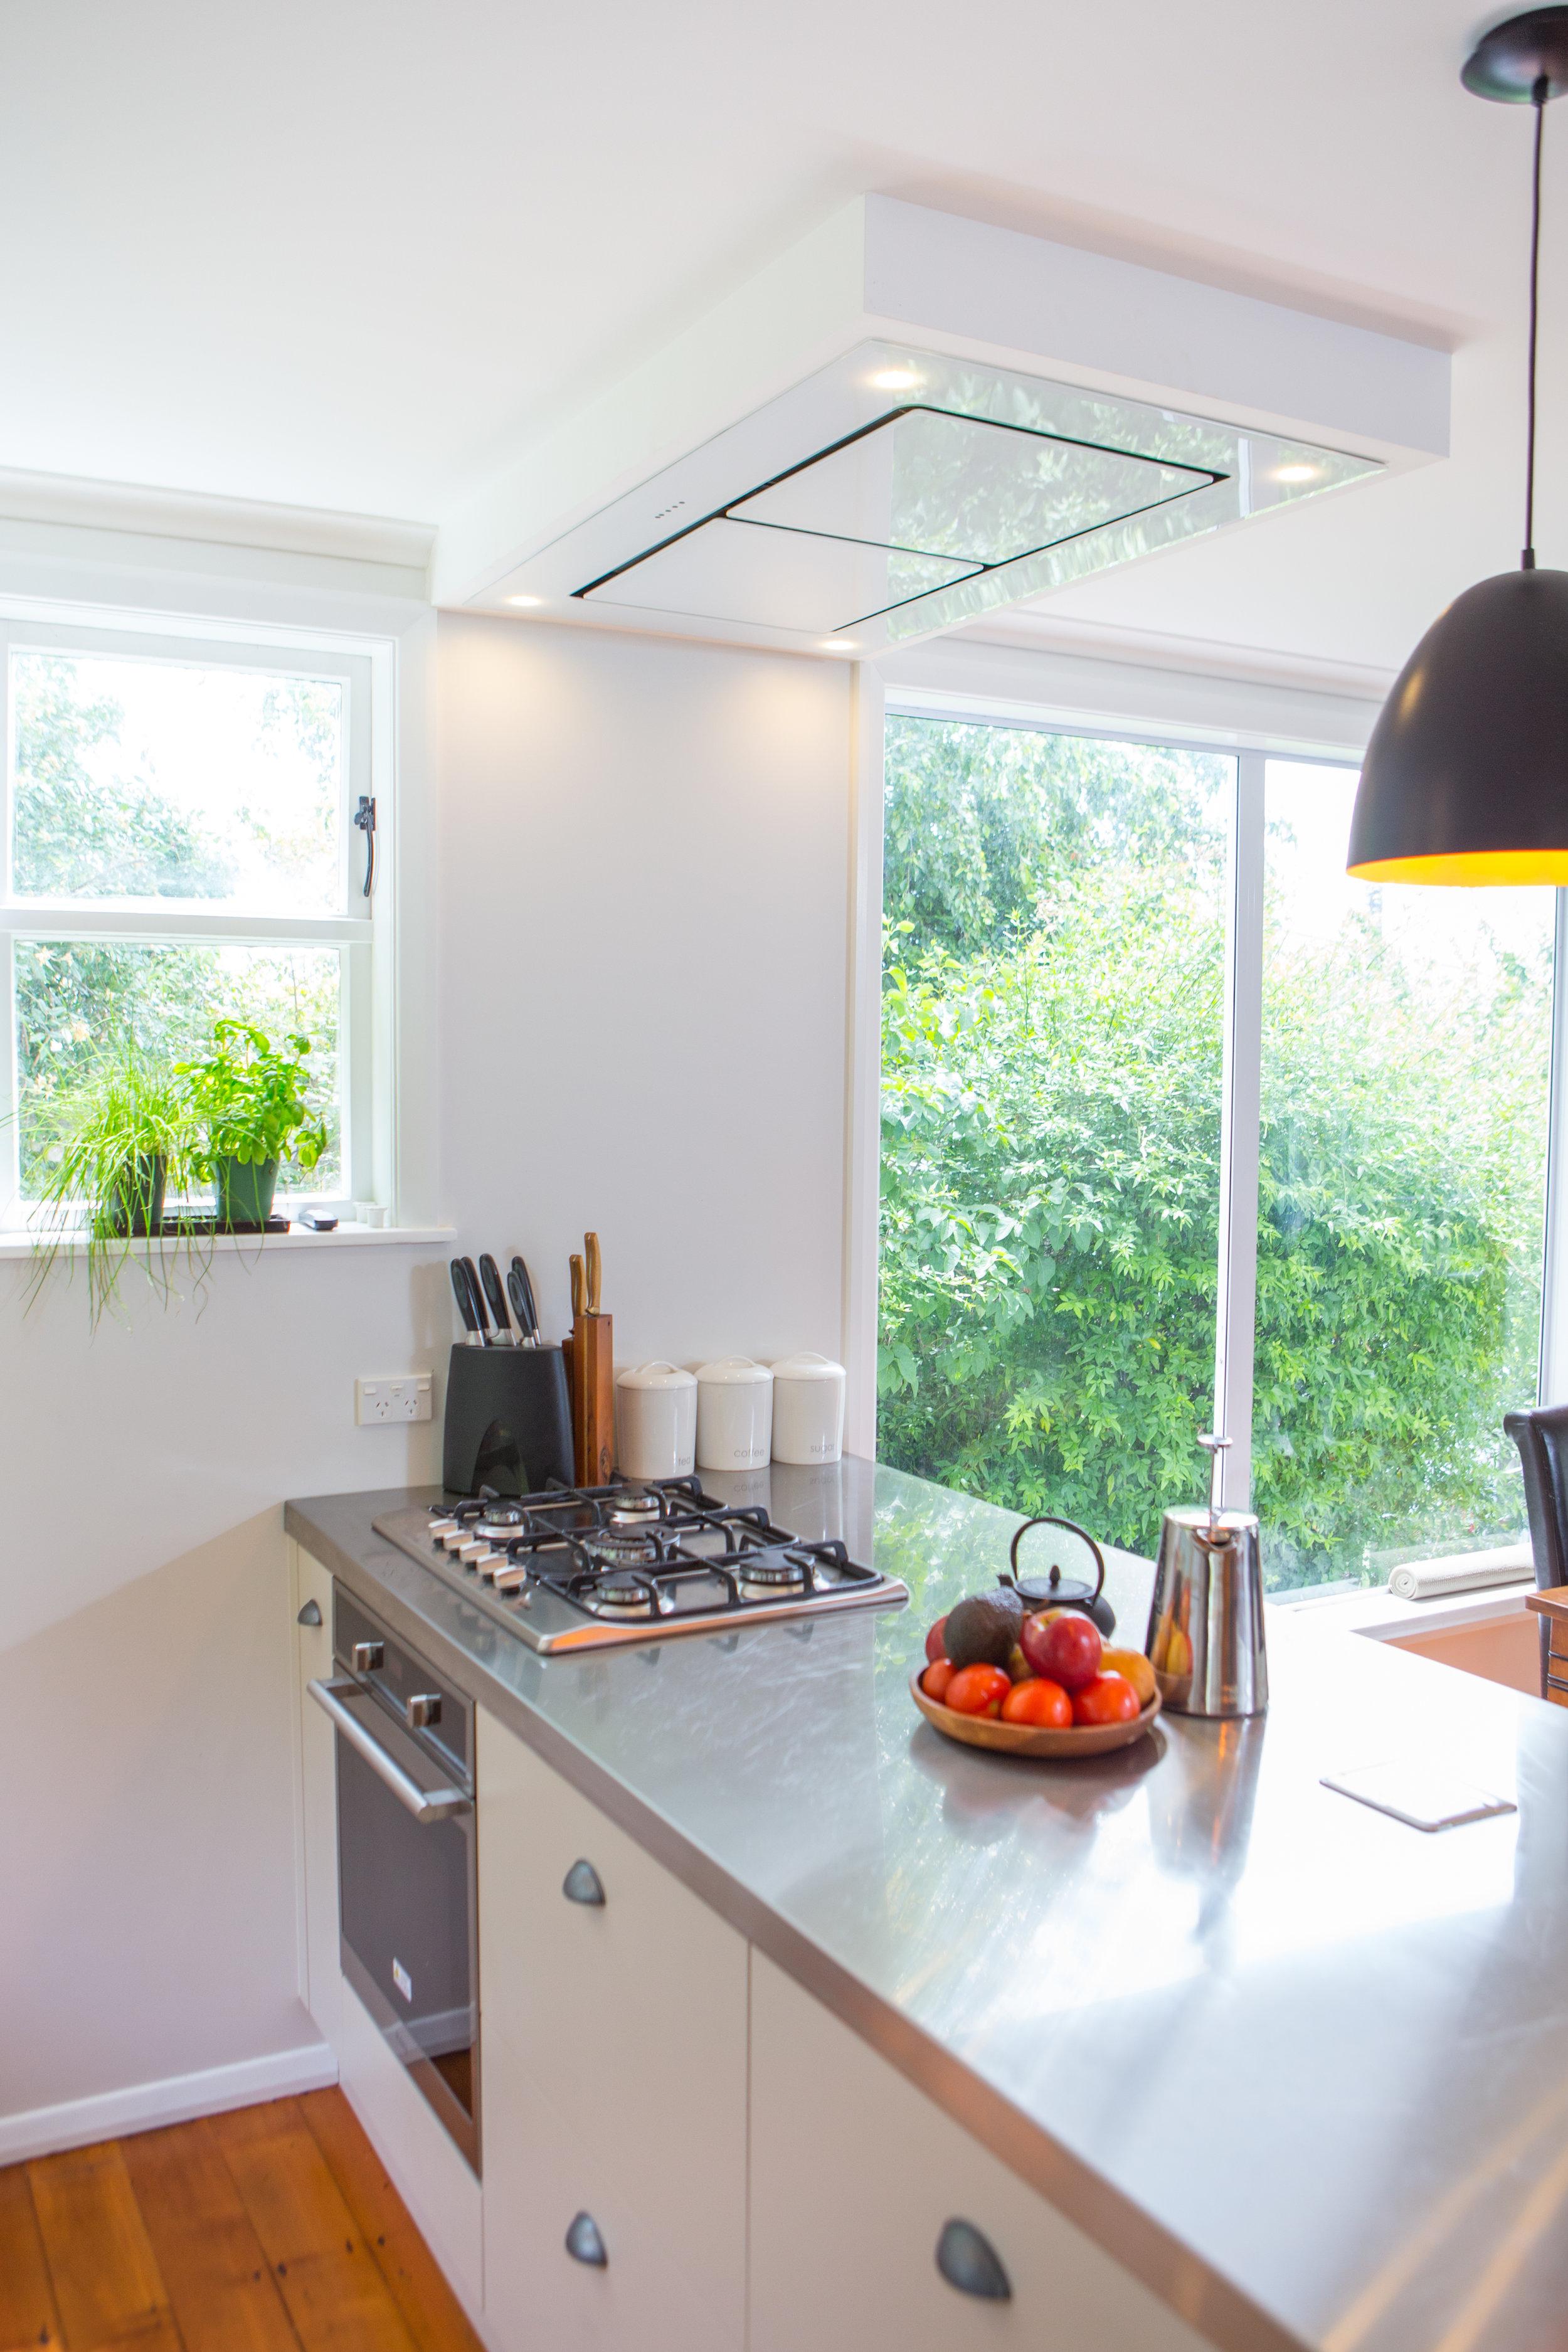 In Haus Design Kitchen Three 09.jpg